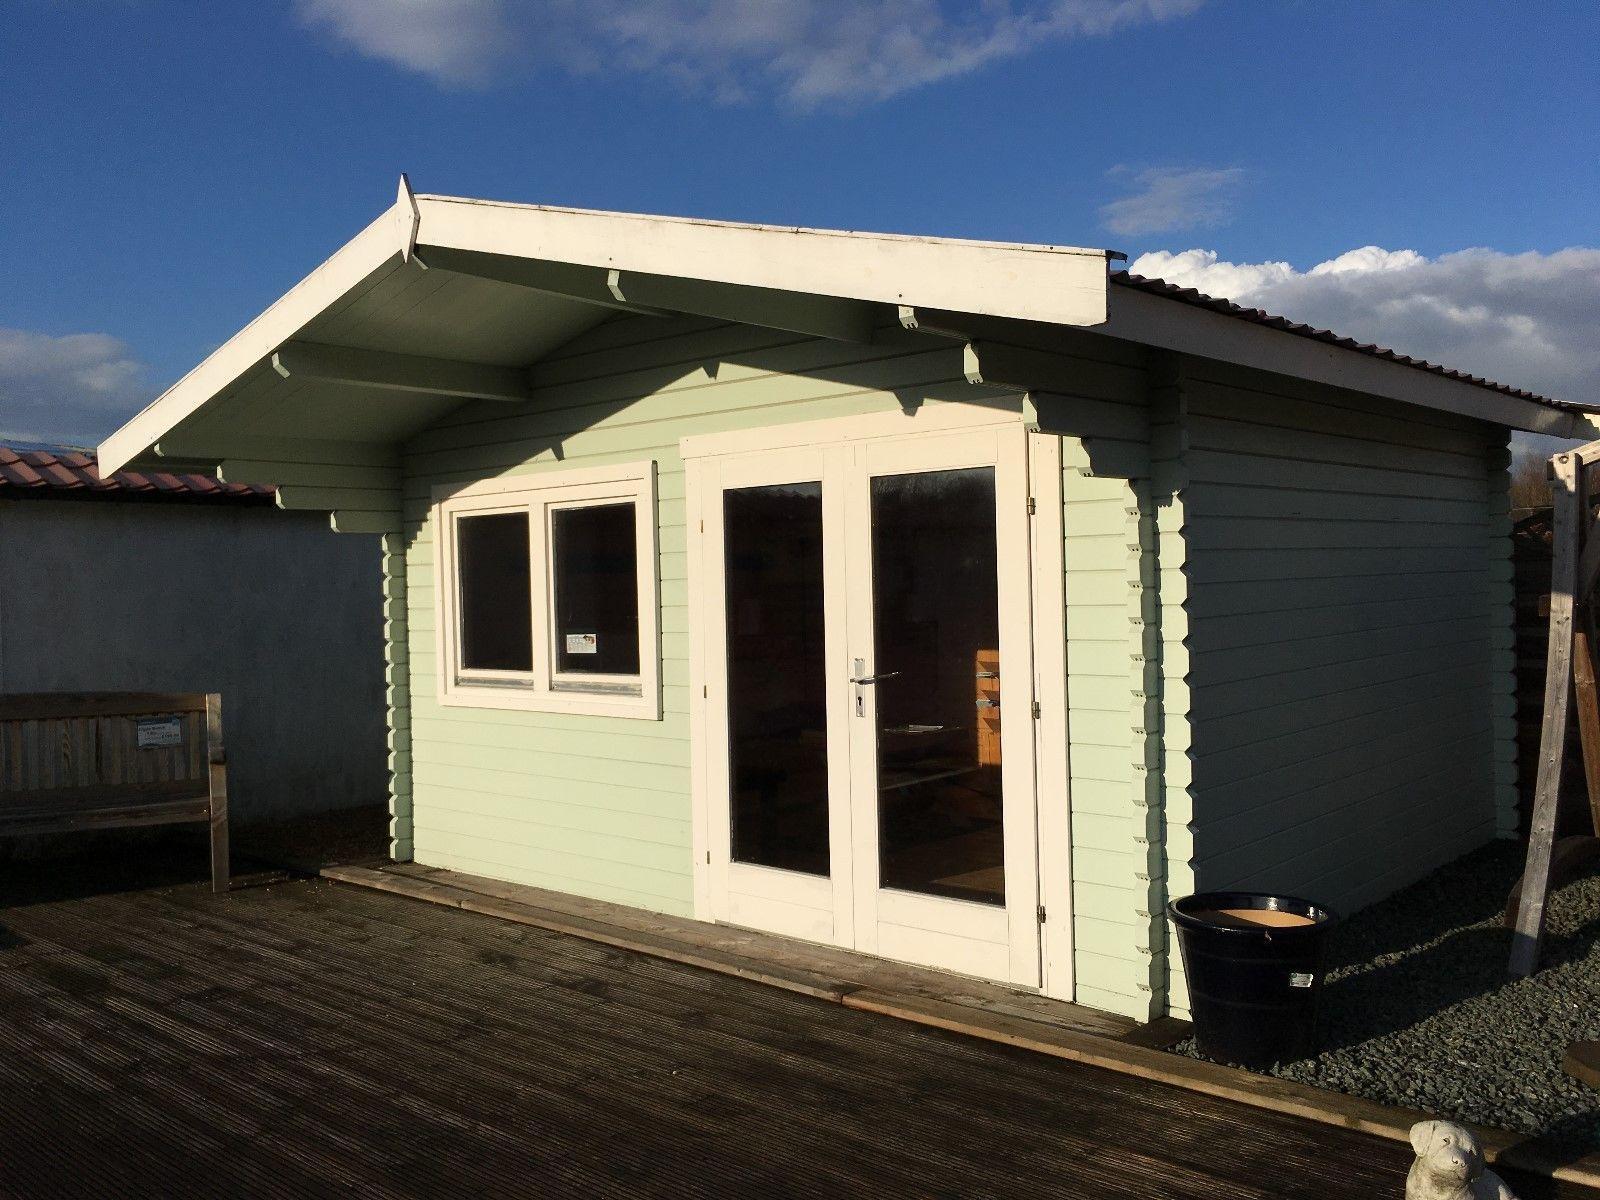 Balmoral Clearance Cabin